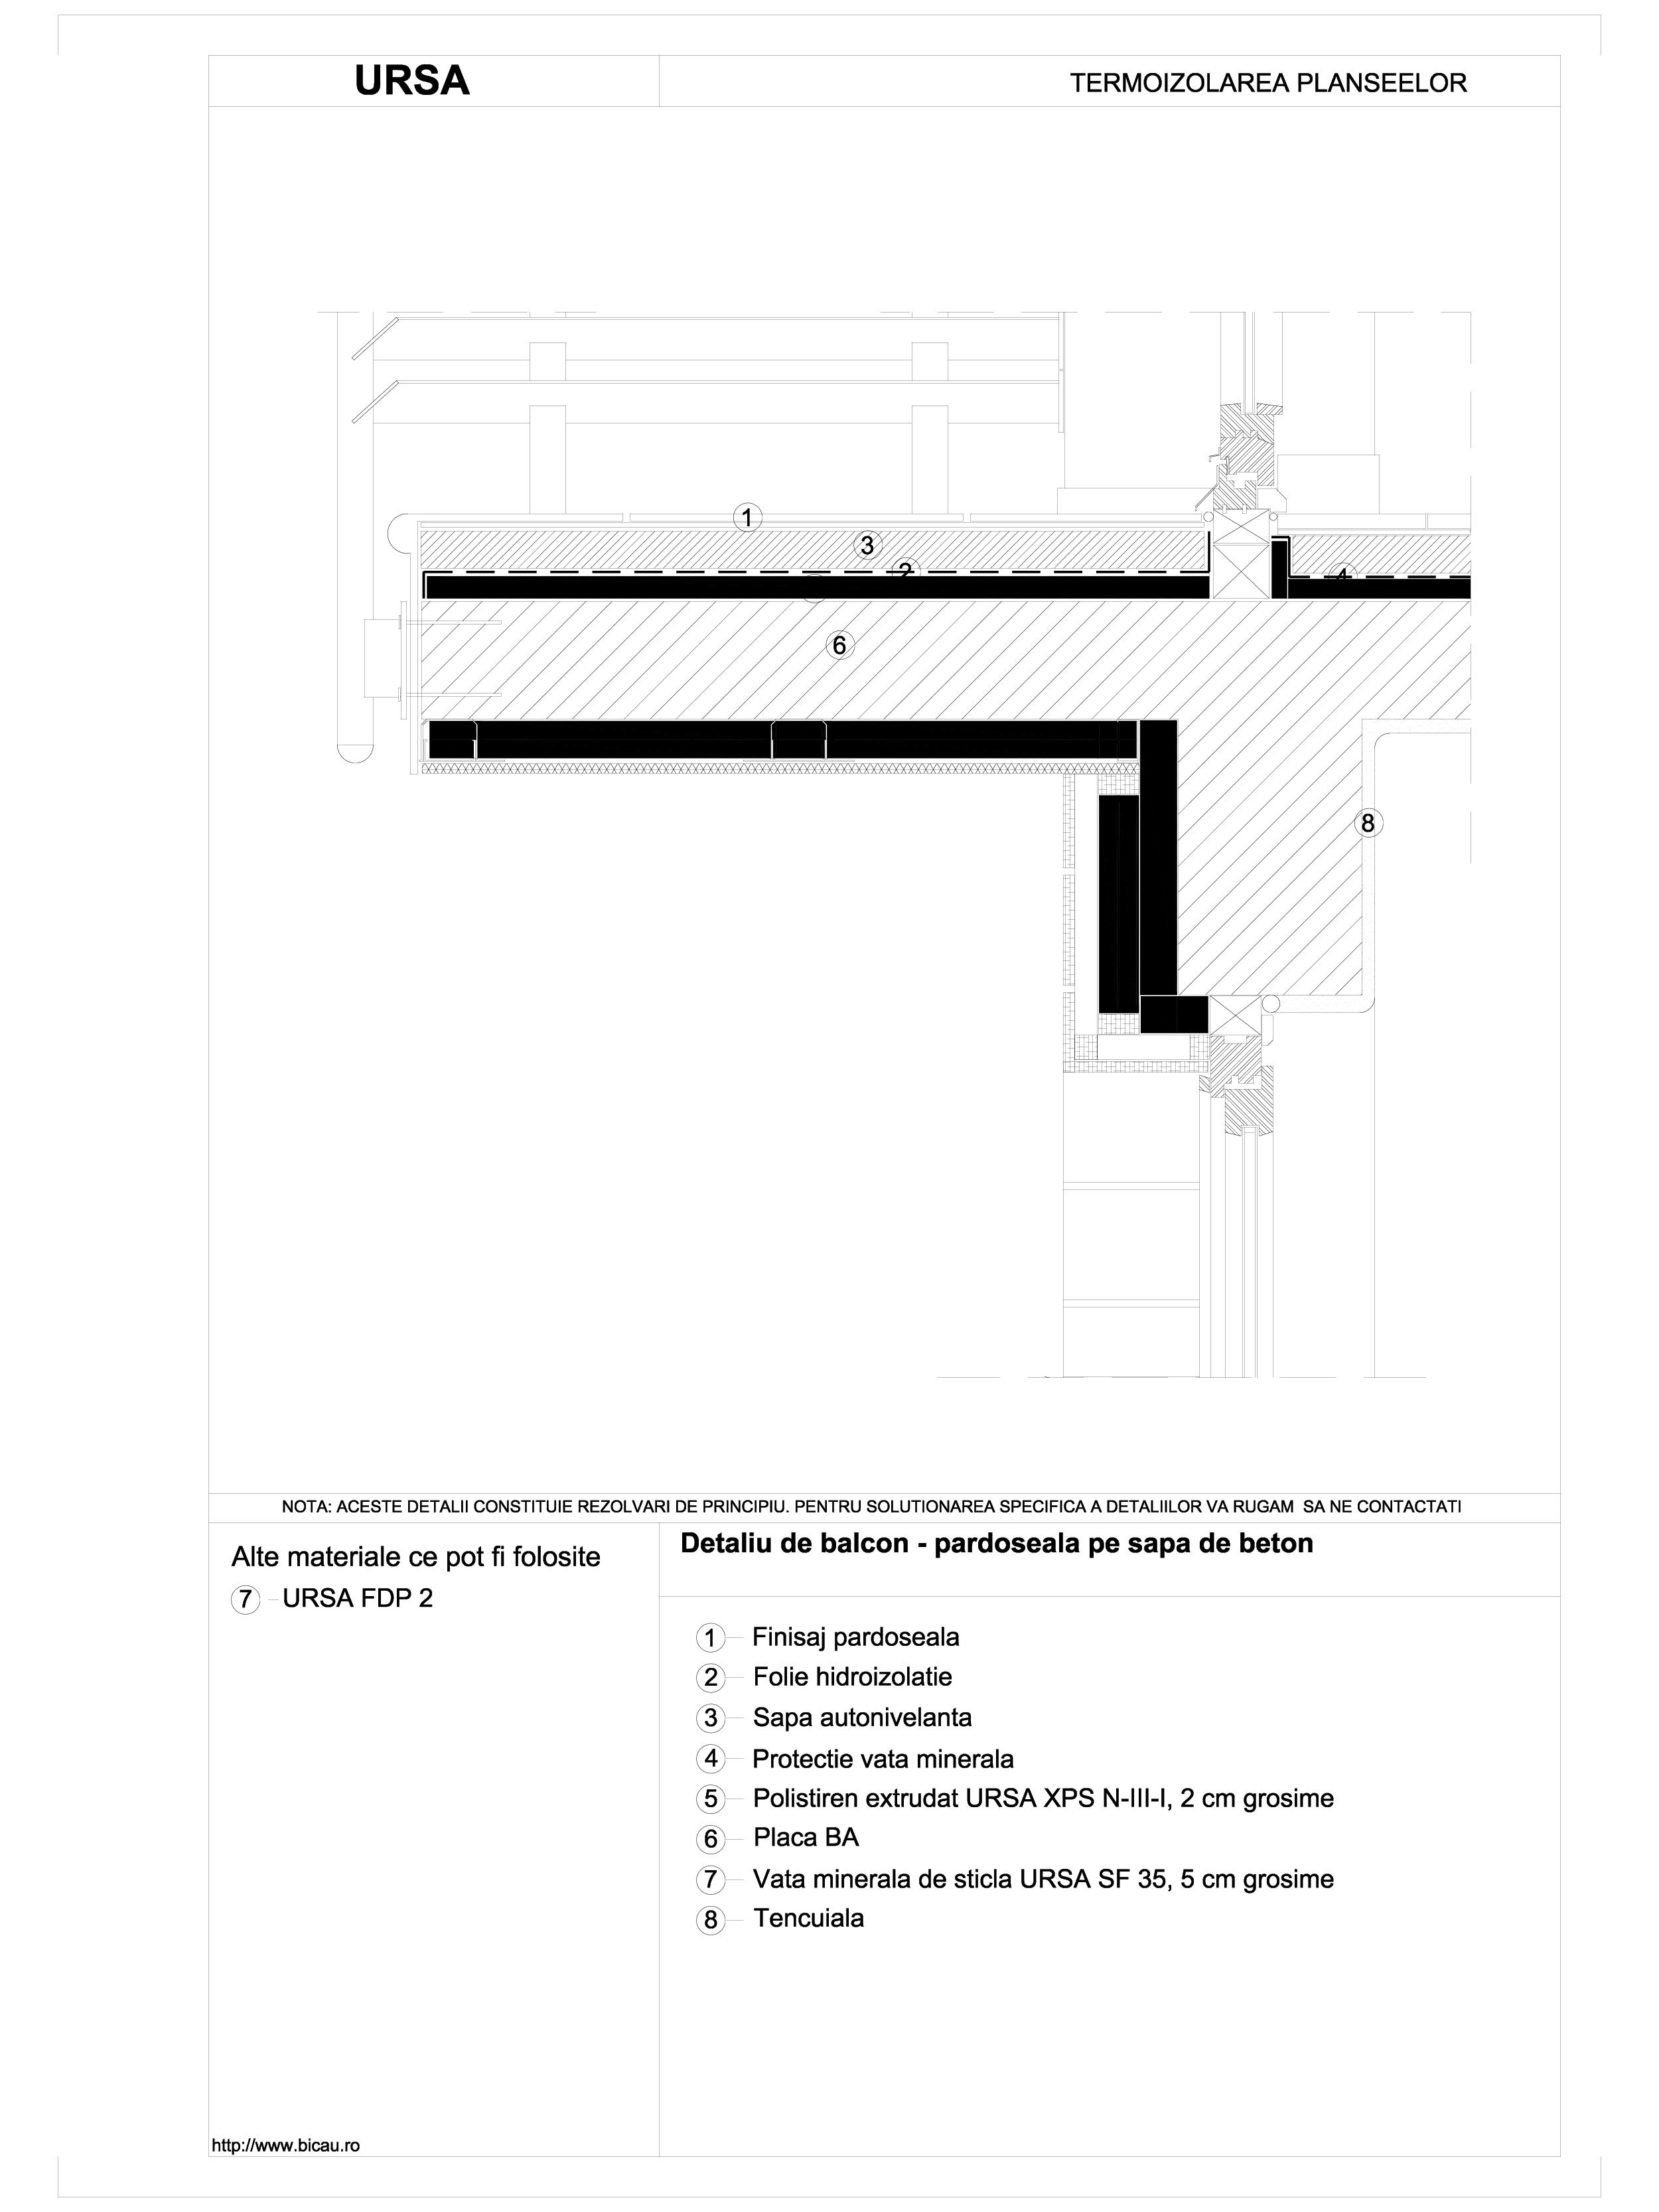 Detaliu de balcon - pardoseala pe sapa de beton URSA Vata minerala pentru pardoseli URSA ROMANIA   - Pagina 1